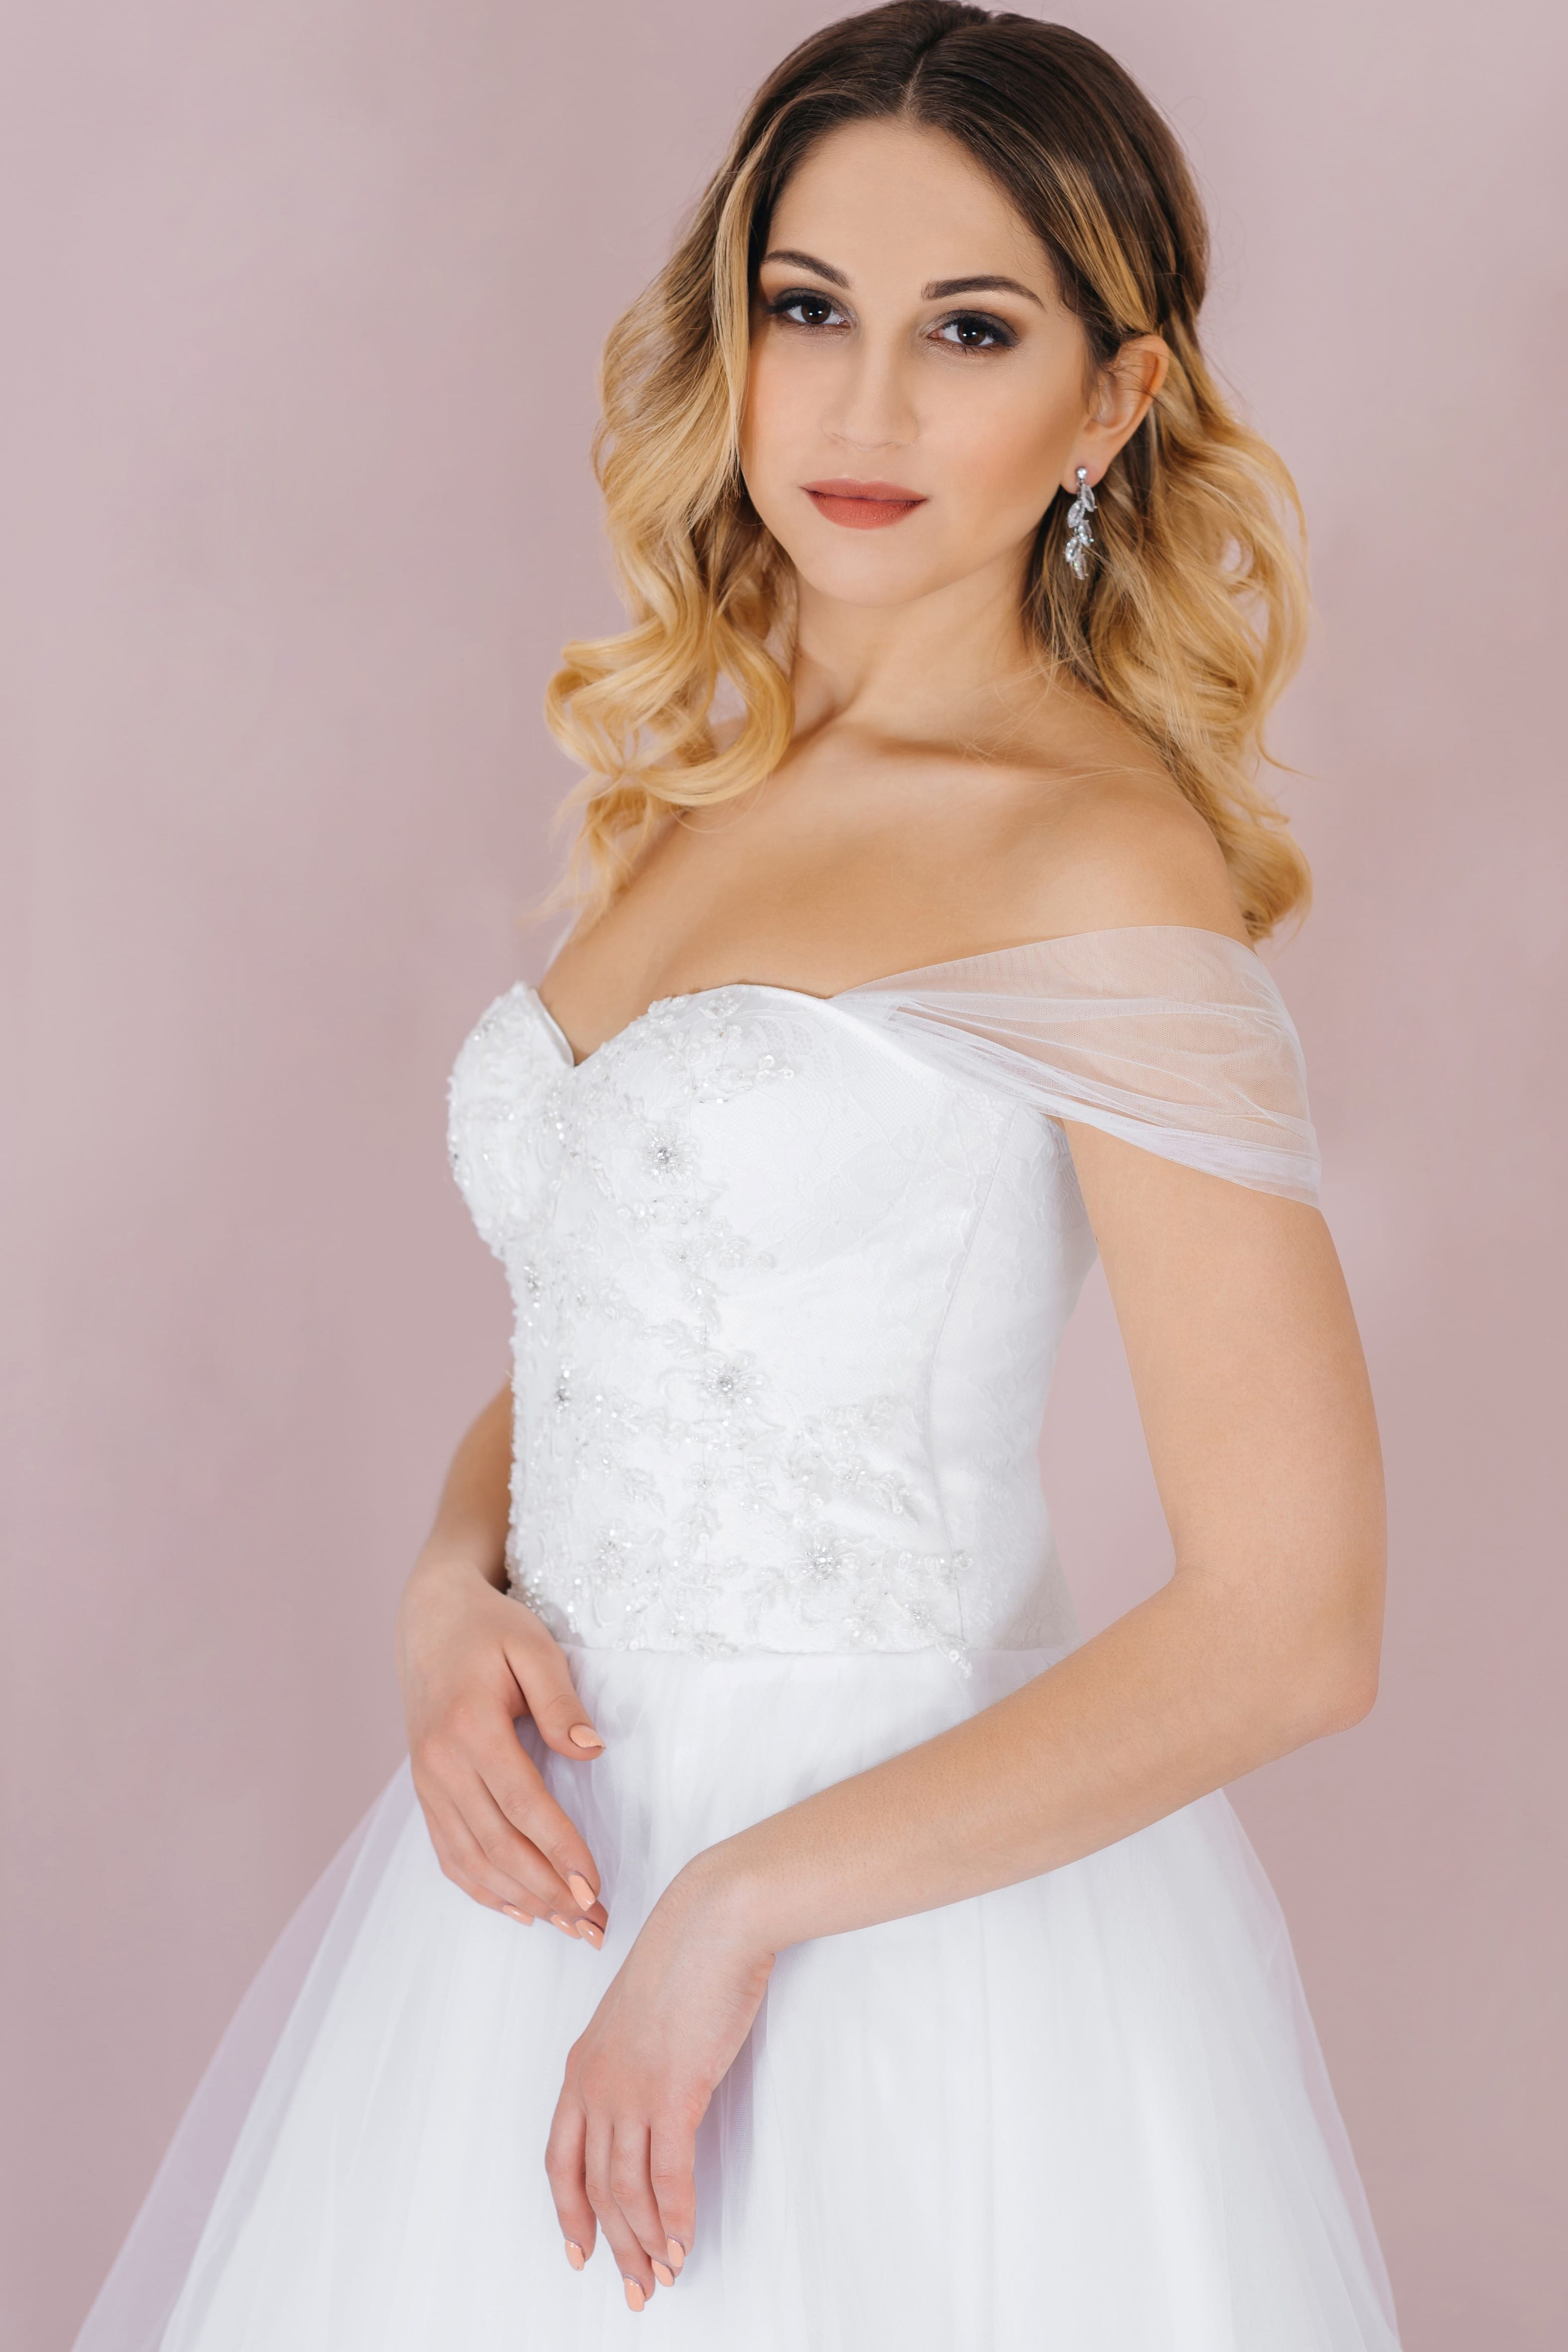 Свадебное платье PEGGIE, коллекция LOFT, бренд RARE BRIDAL, фото 5